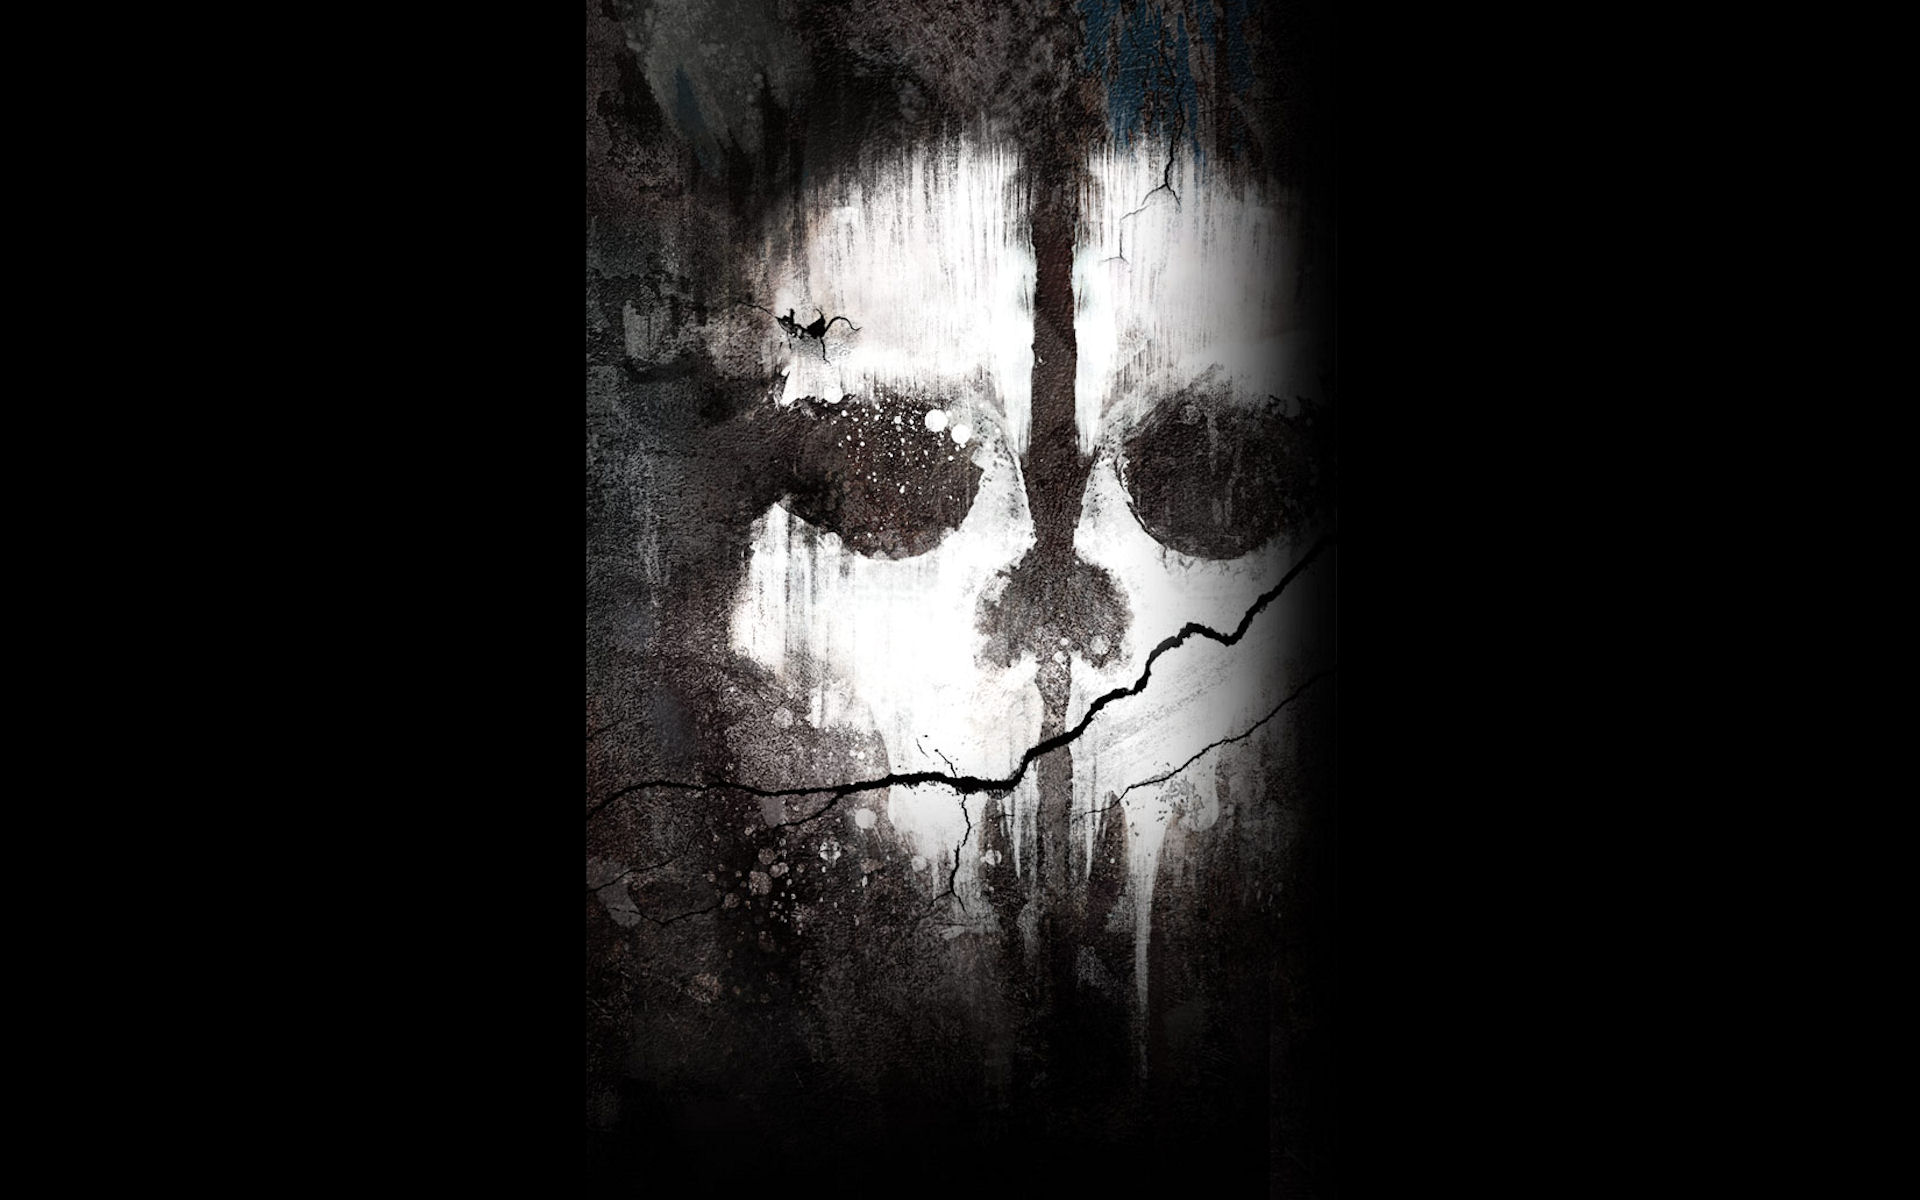 Harley Quinn Wallpaper Hd Call Of Duty Ghosts Skull Wallpaper